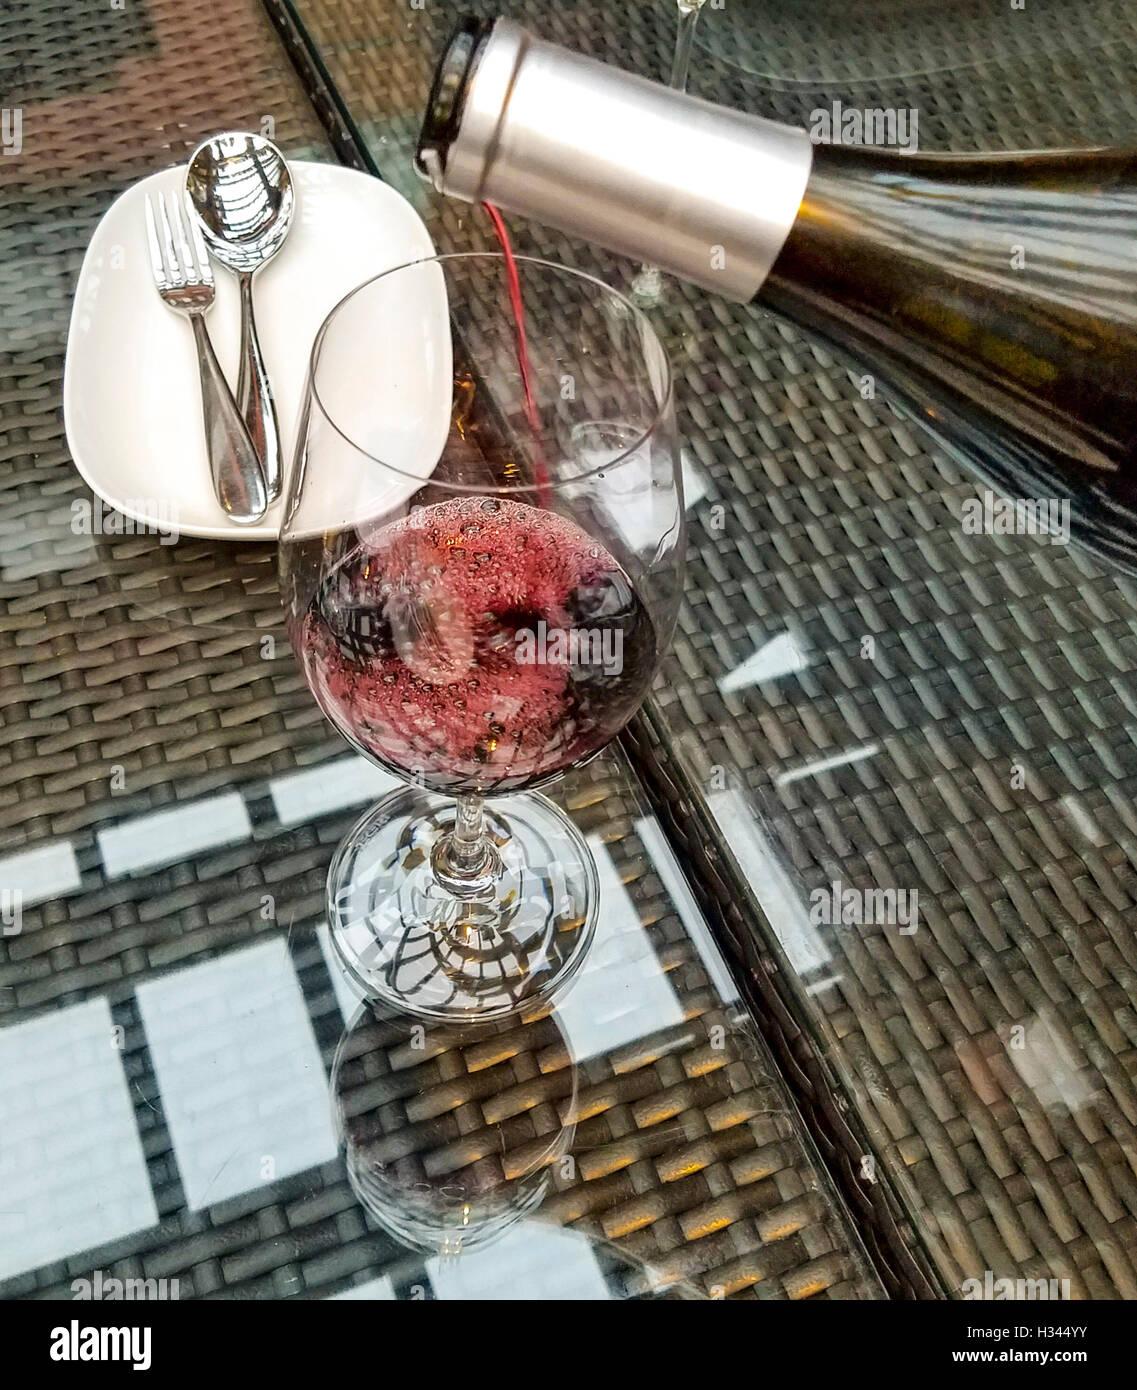 Verdeckte Farmen Bordeauxstil vermischen sich auf der Farm Rebe Signatur Erfahrung Abendessen im Wasserzeichen Beach Stockbild